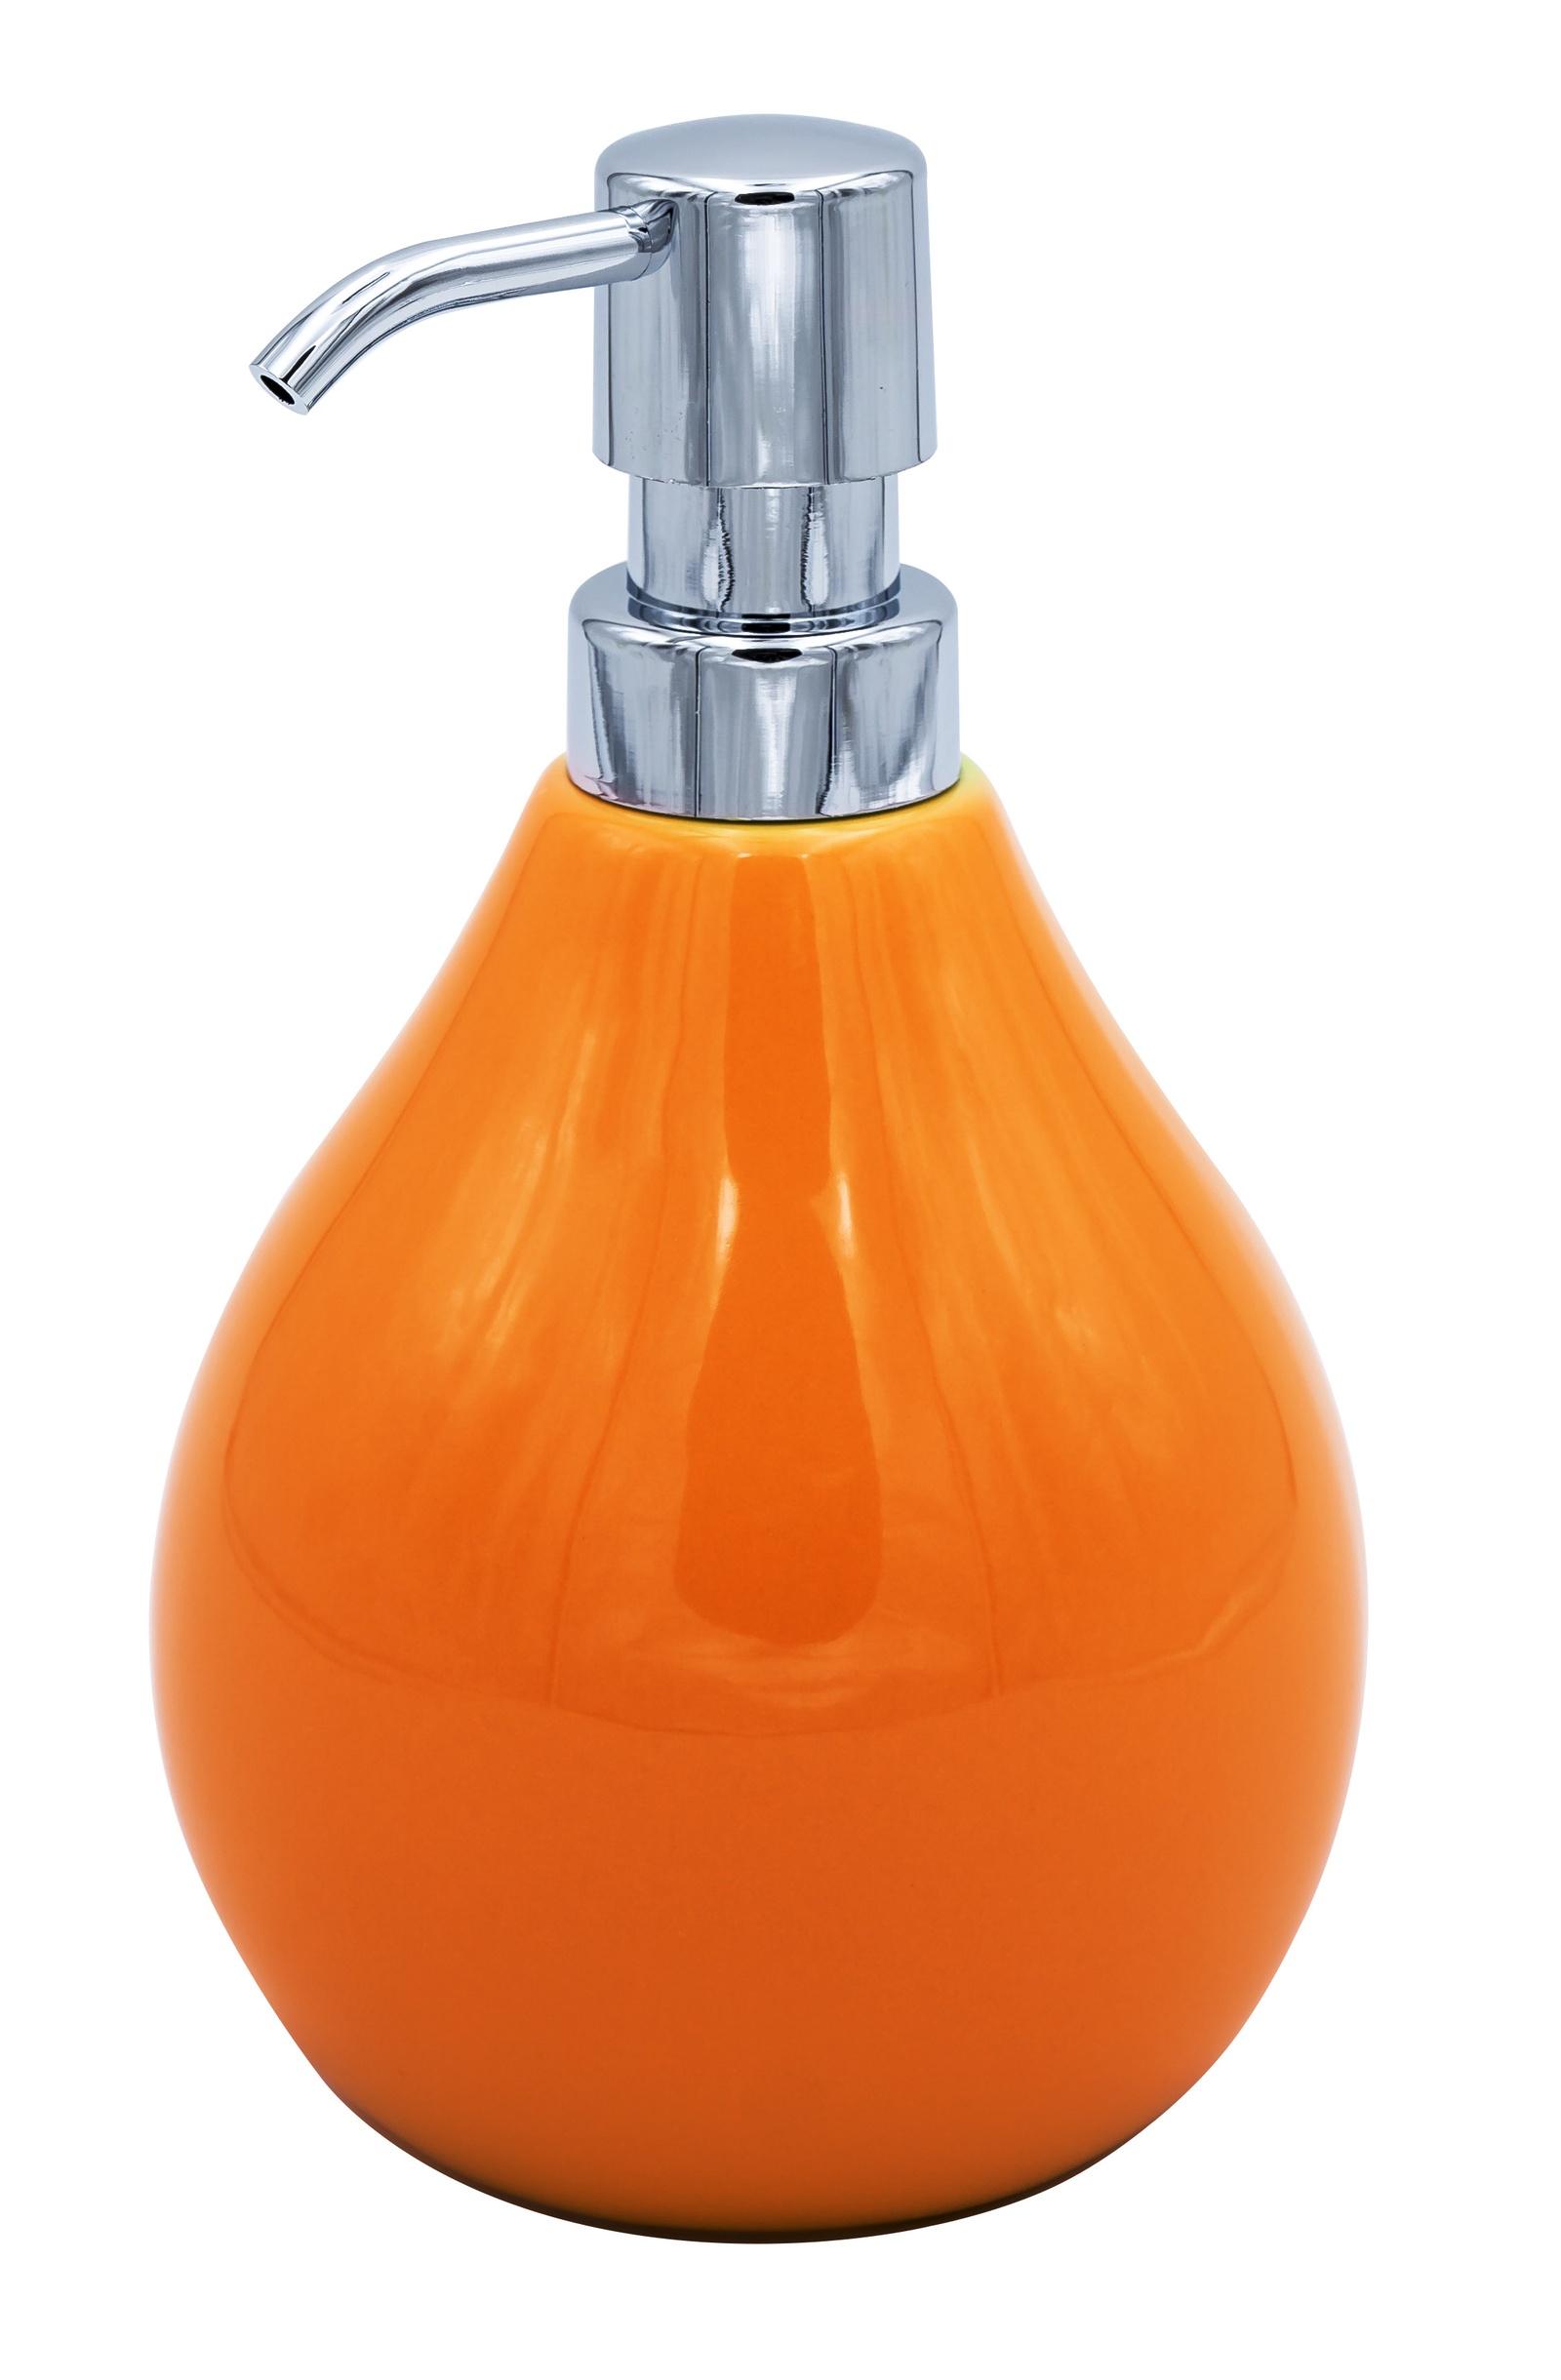 Дозатор для жидкого мыла Belly оранжевый